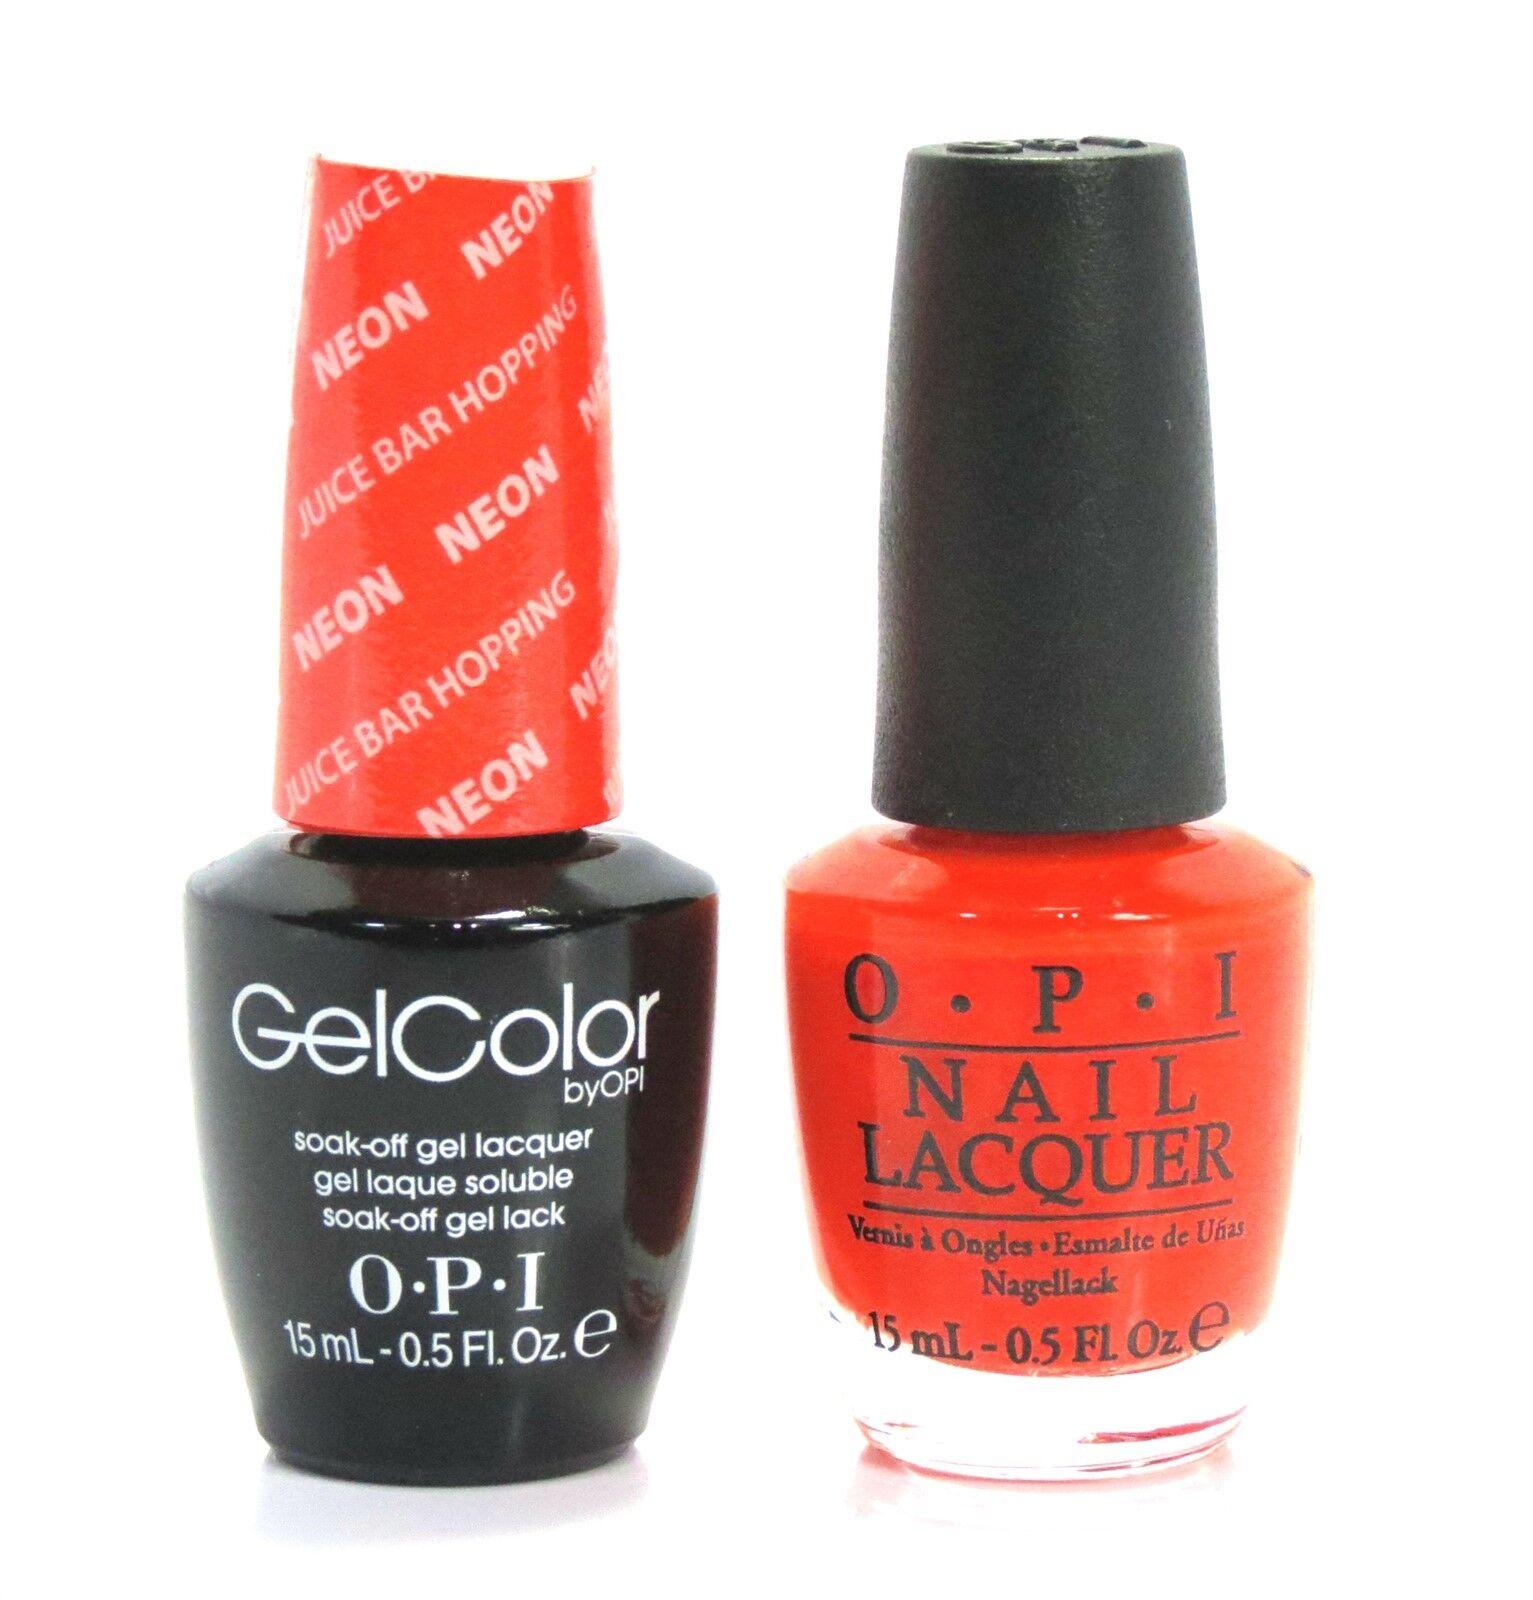 Laquer Nail Bar: Opi Soak-Off GelColor Gel Polish + Nail Polish Neon Juice